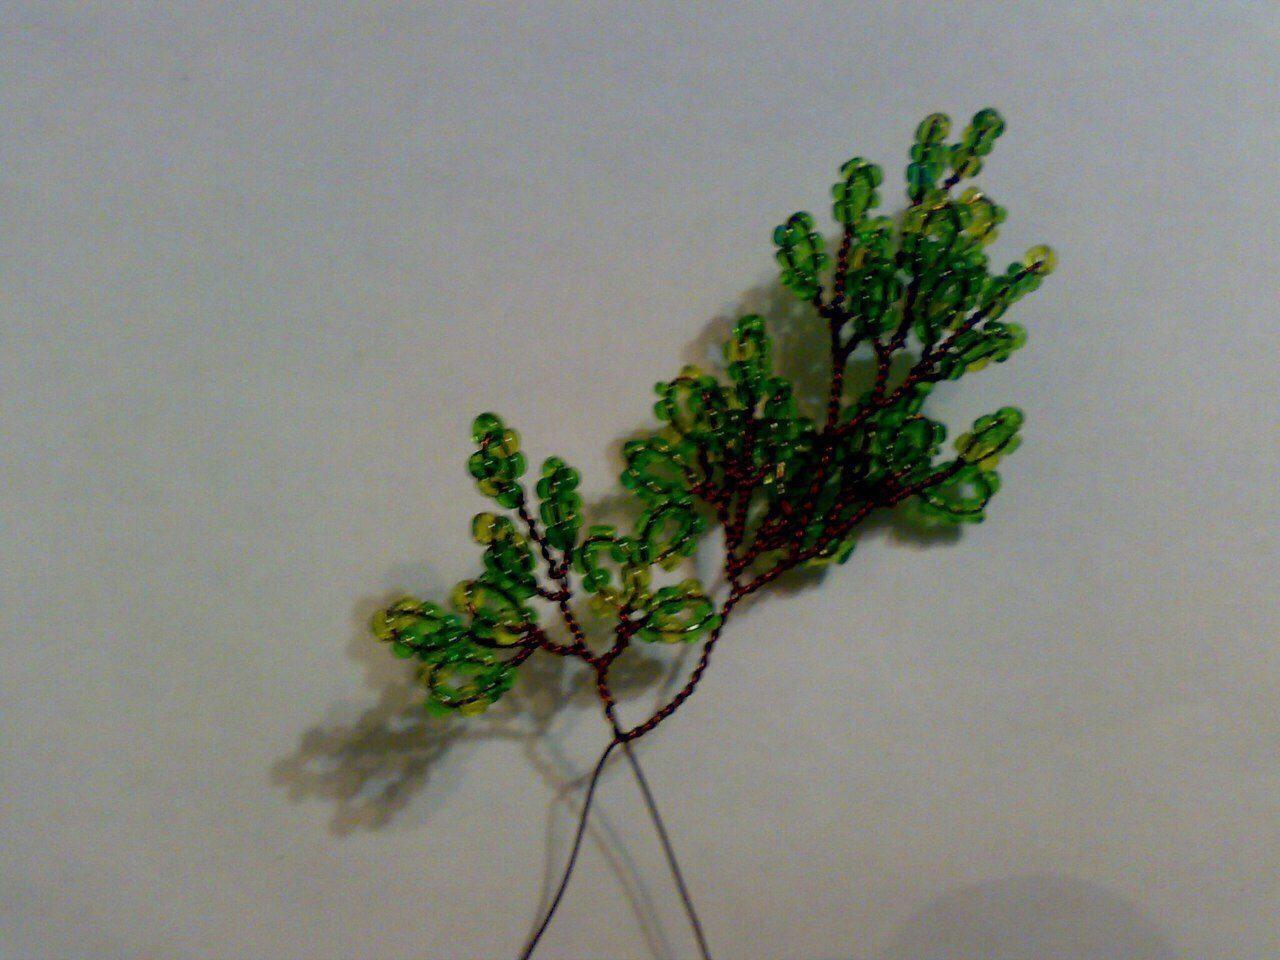 Деревья Image?id=867746748515&t=3&plc=WEB&tkn=*FULoJW-eHqEhpb4t-PesrXavIAQ